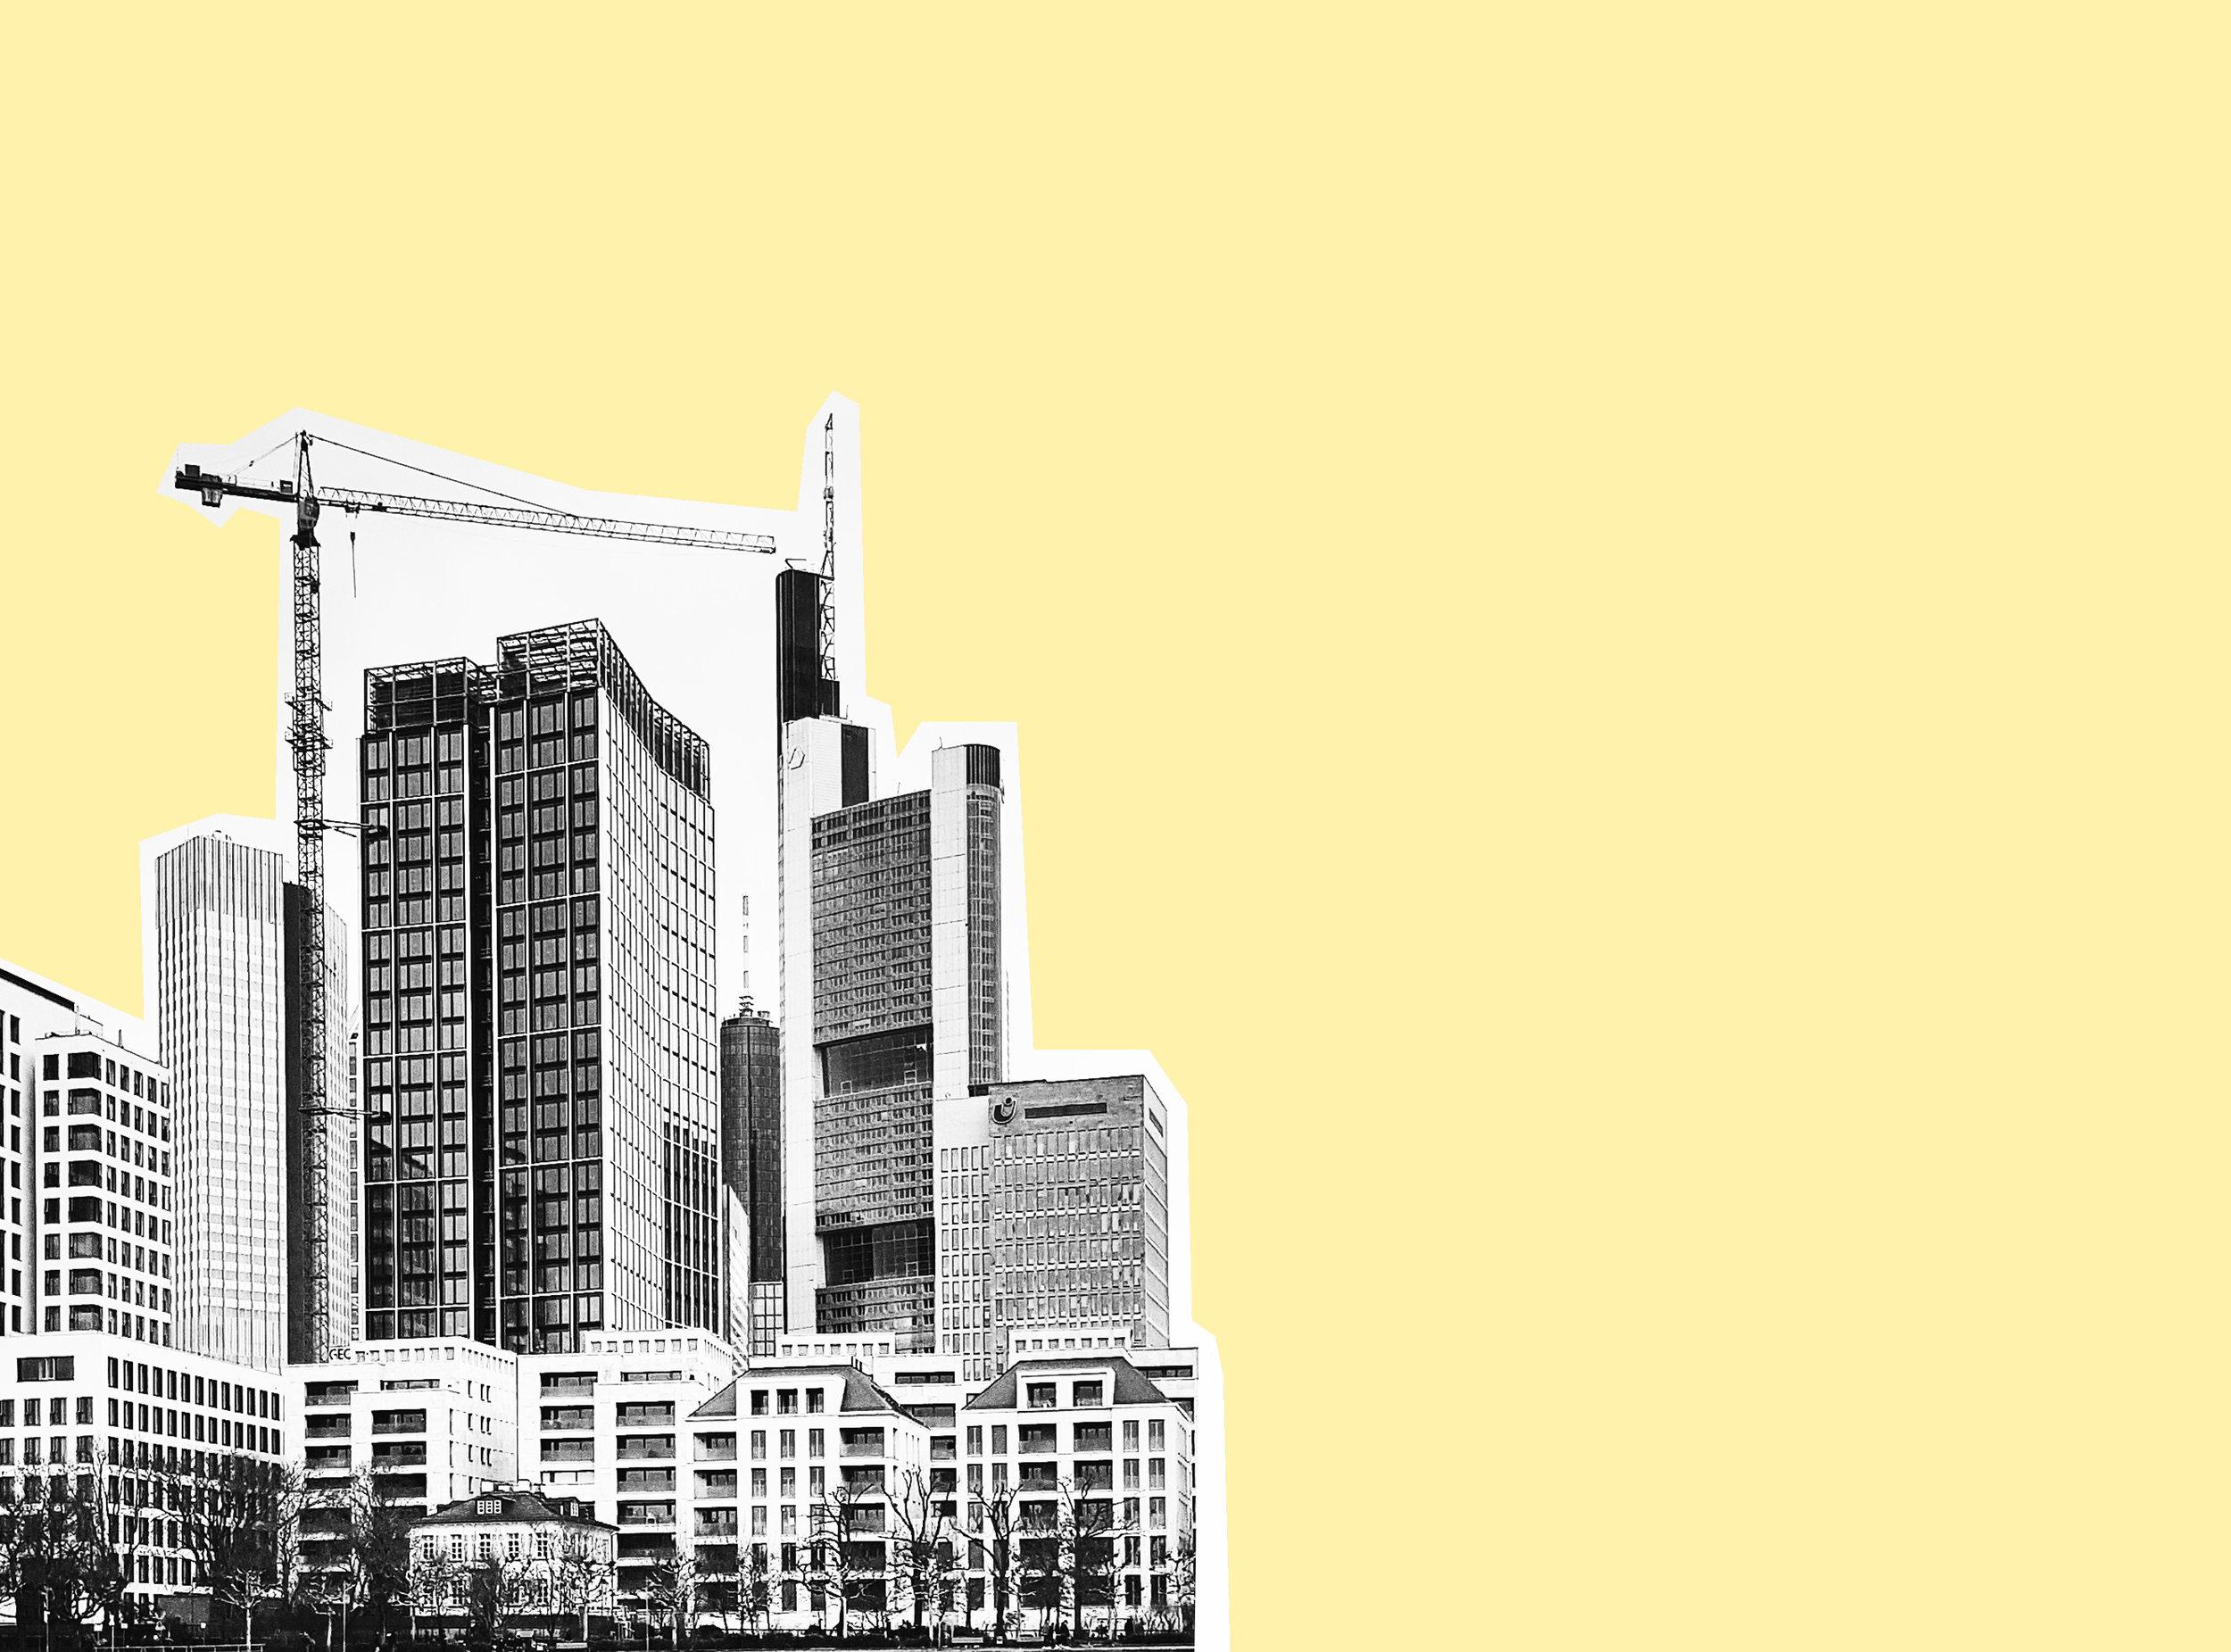 PROGETTAZIONE - Dalla consulenza iniziale fino alla realizzazione finale del progetto, seguiamo tutto l'iter progettuale per espletare le pratiche edilizie ed effettuare tutti i lavori.